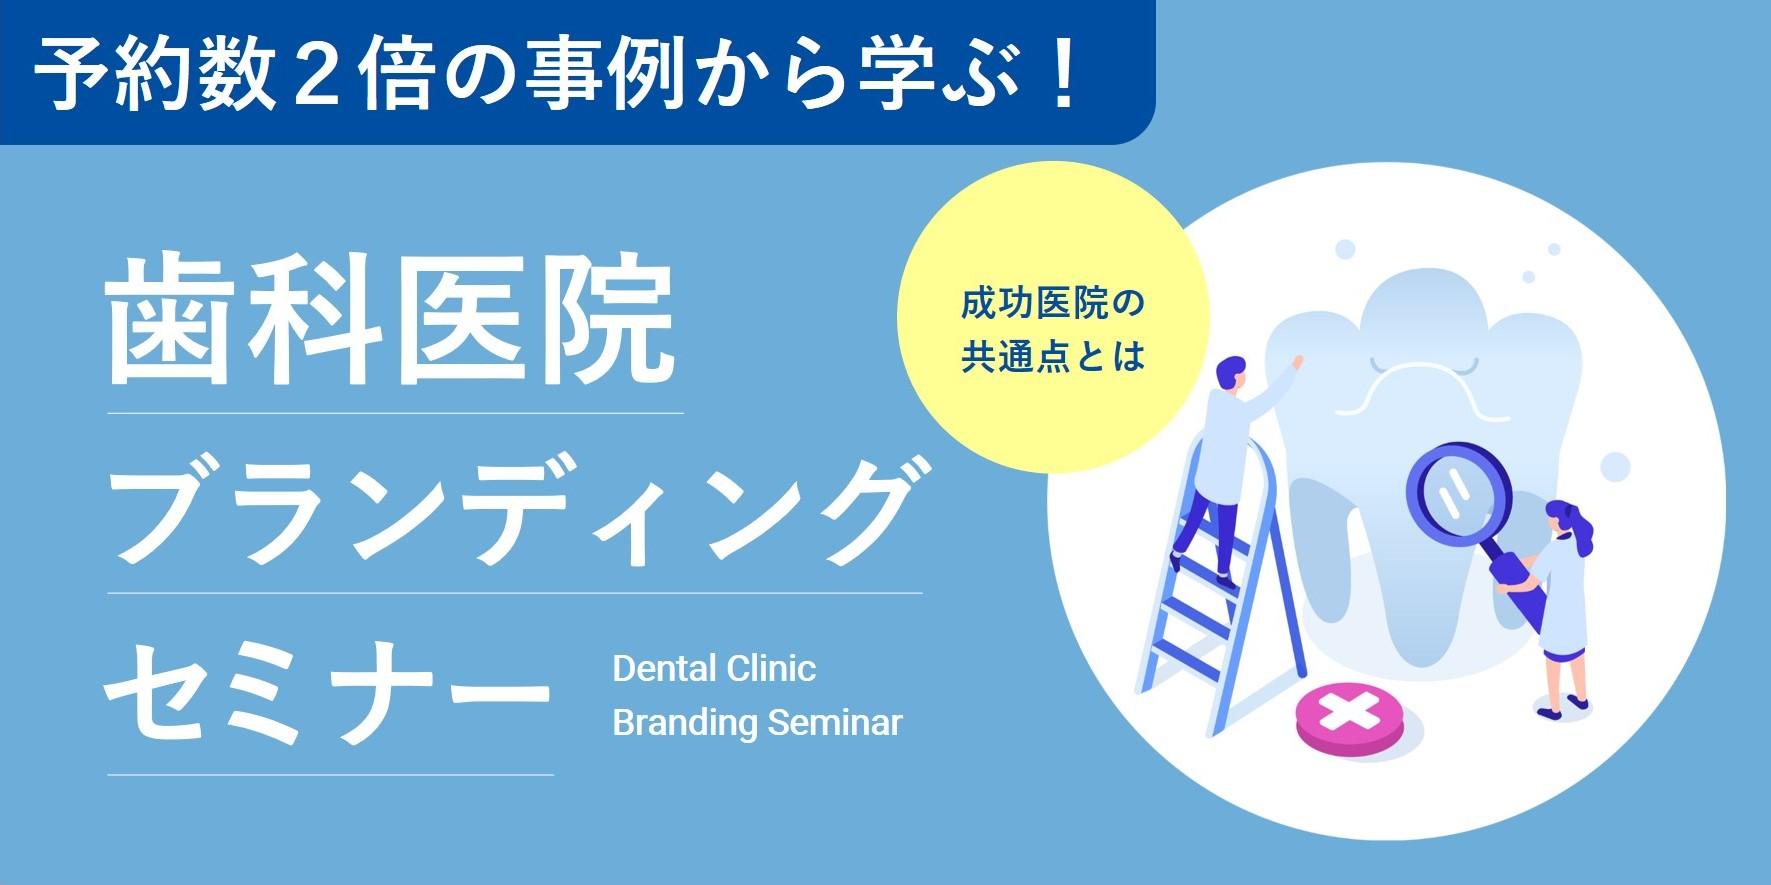 予約数2倍の事例から学ぶ!歯科医院ブランディングセミナー